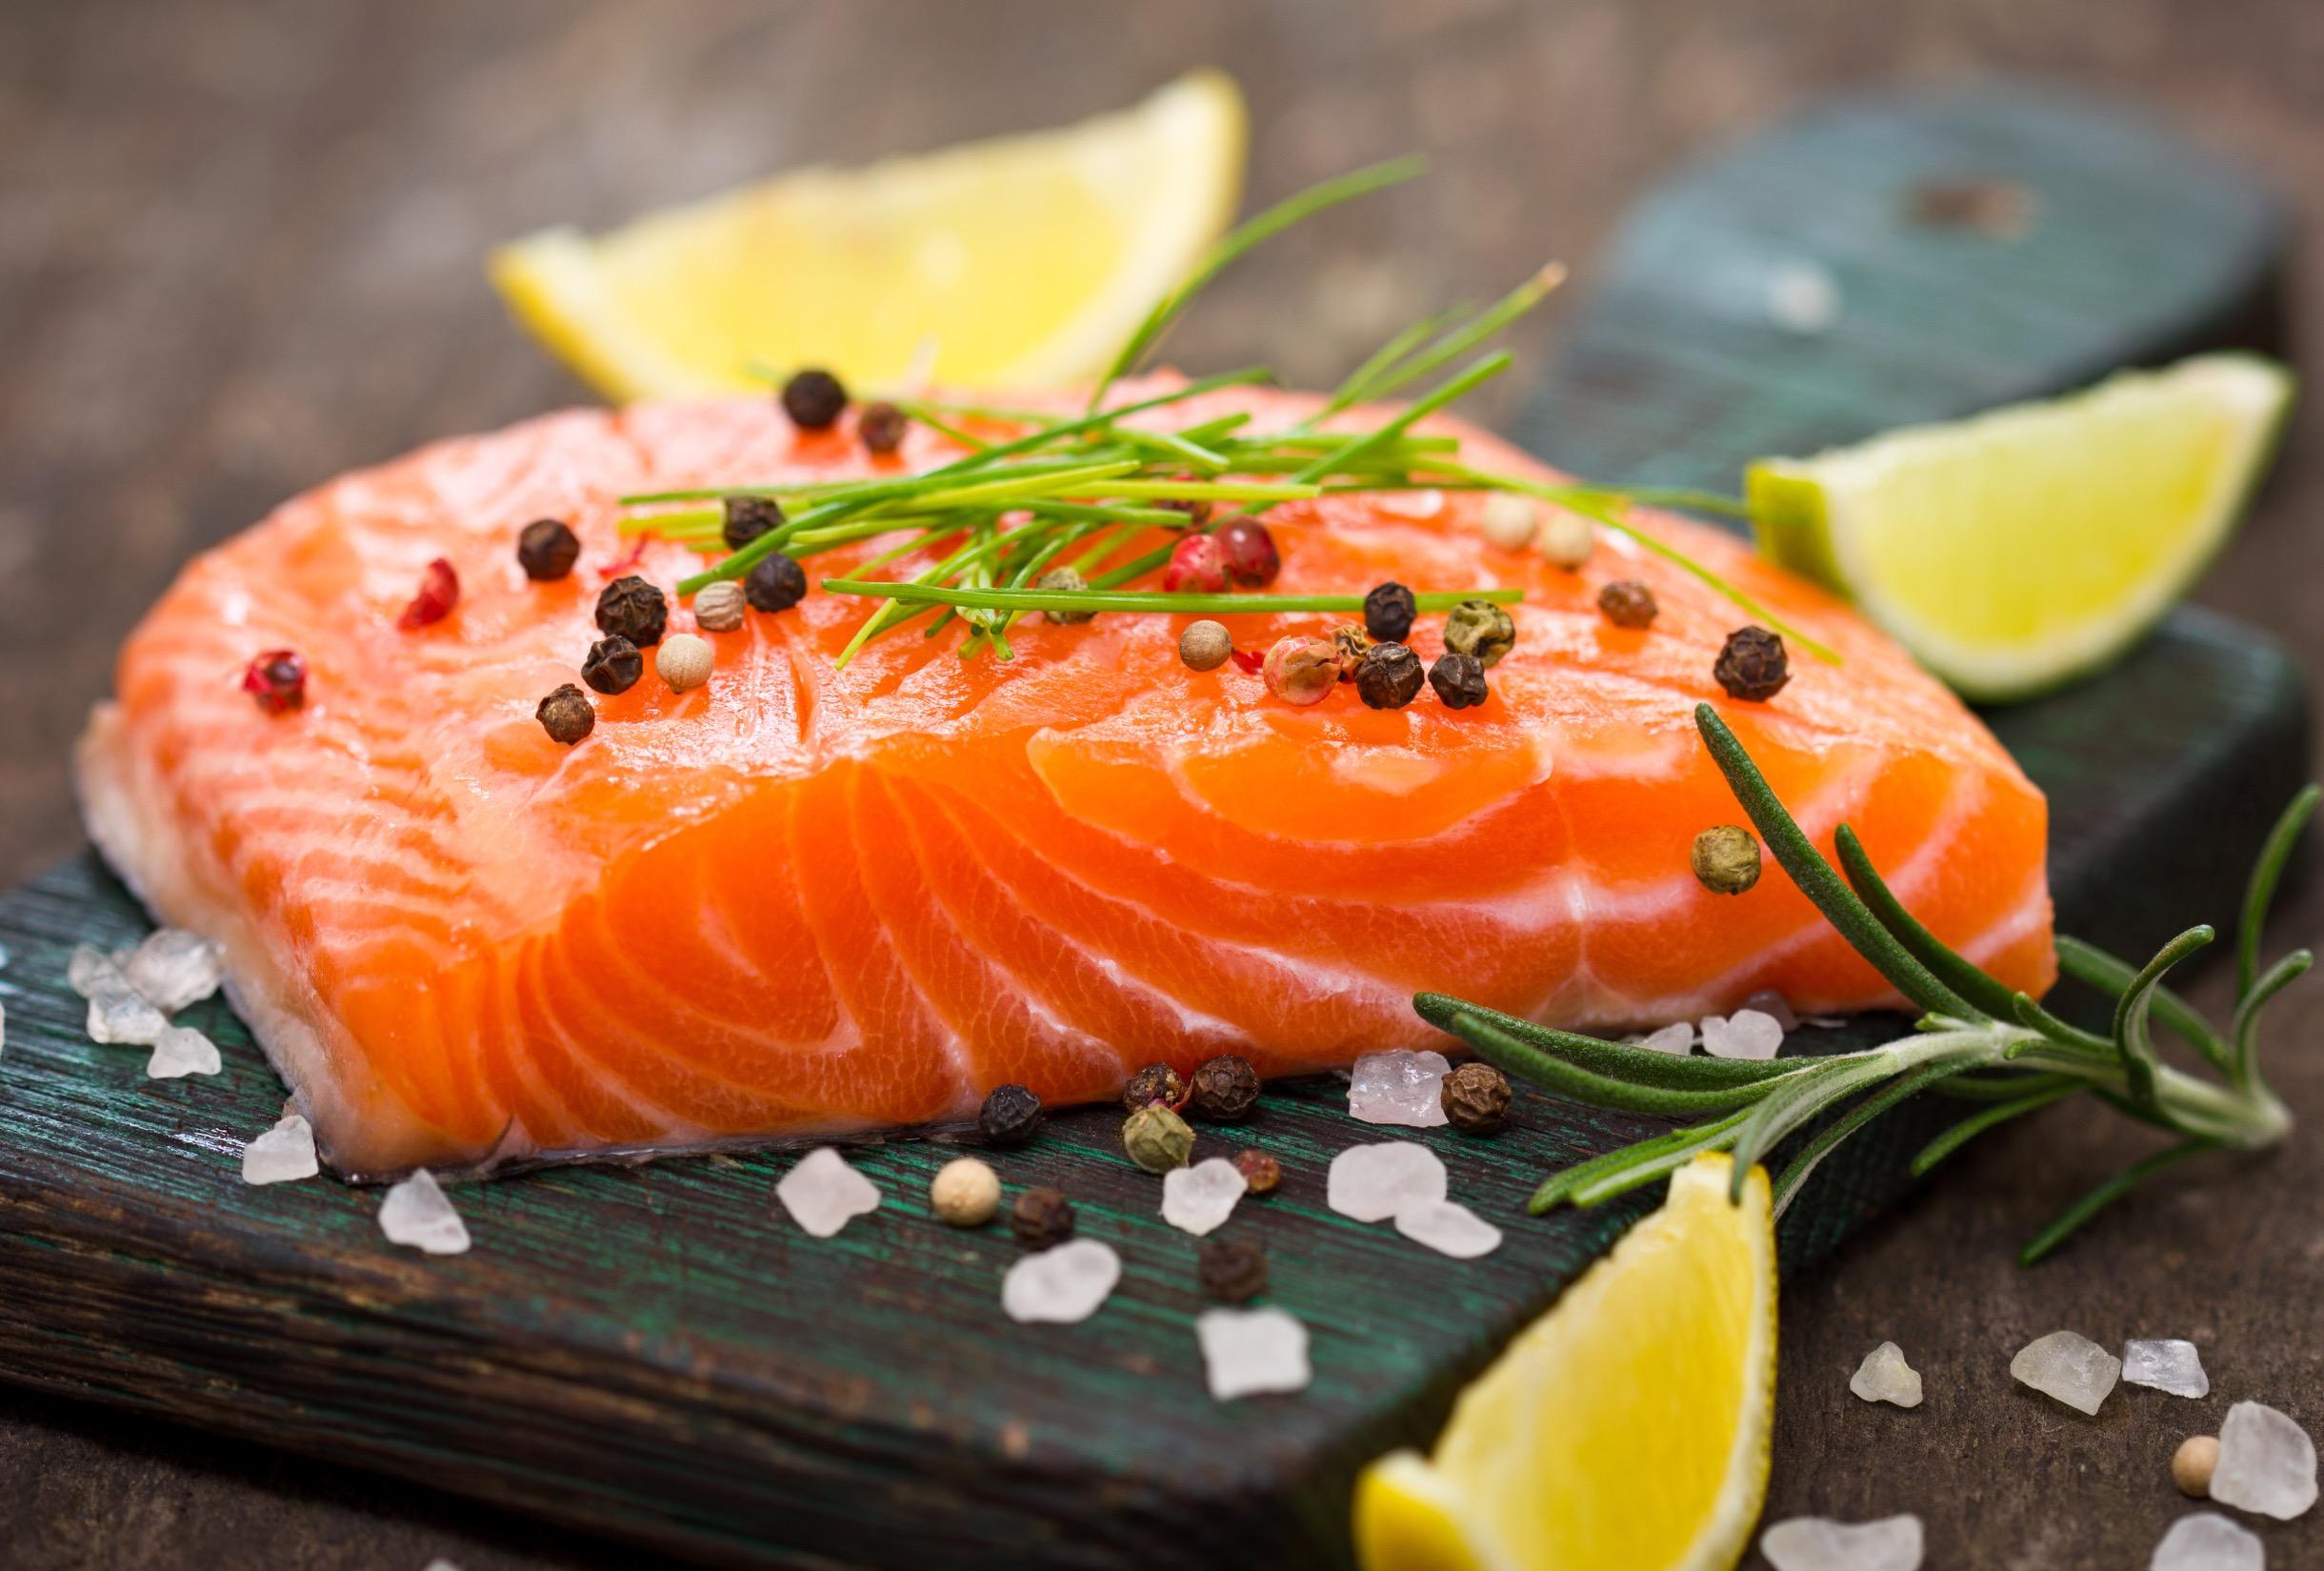 DMFresh salmon